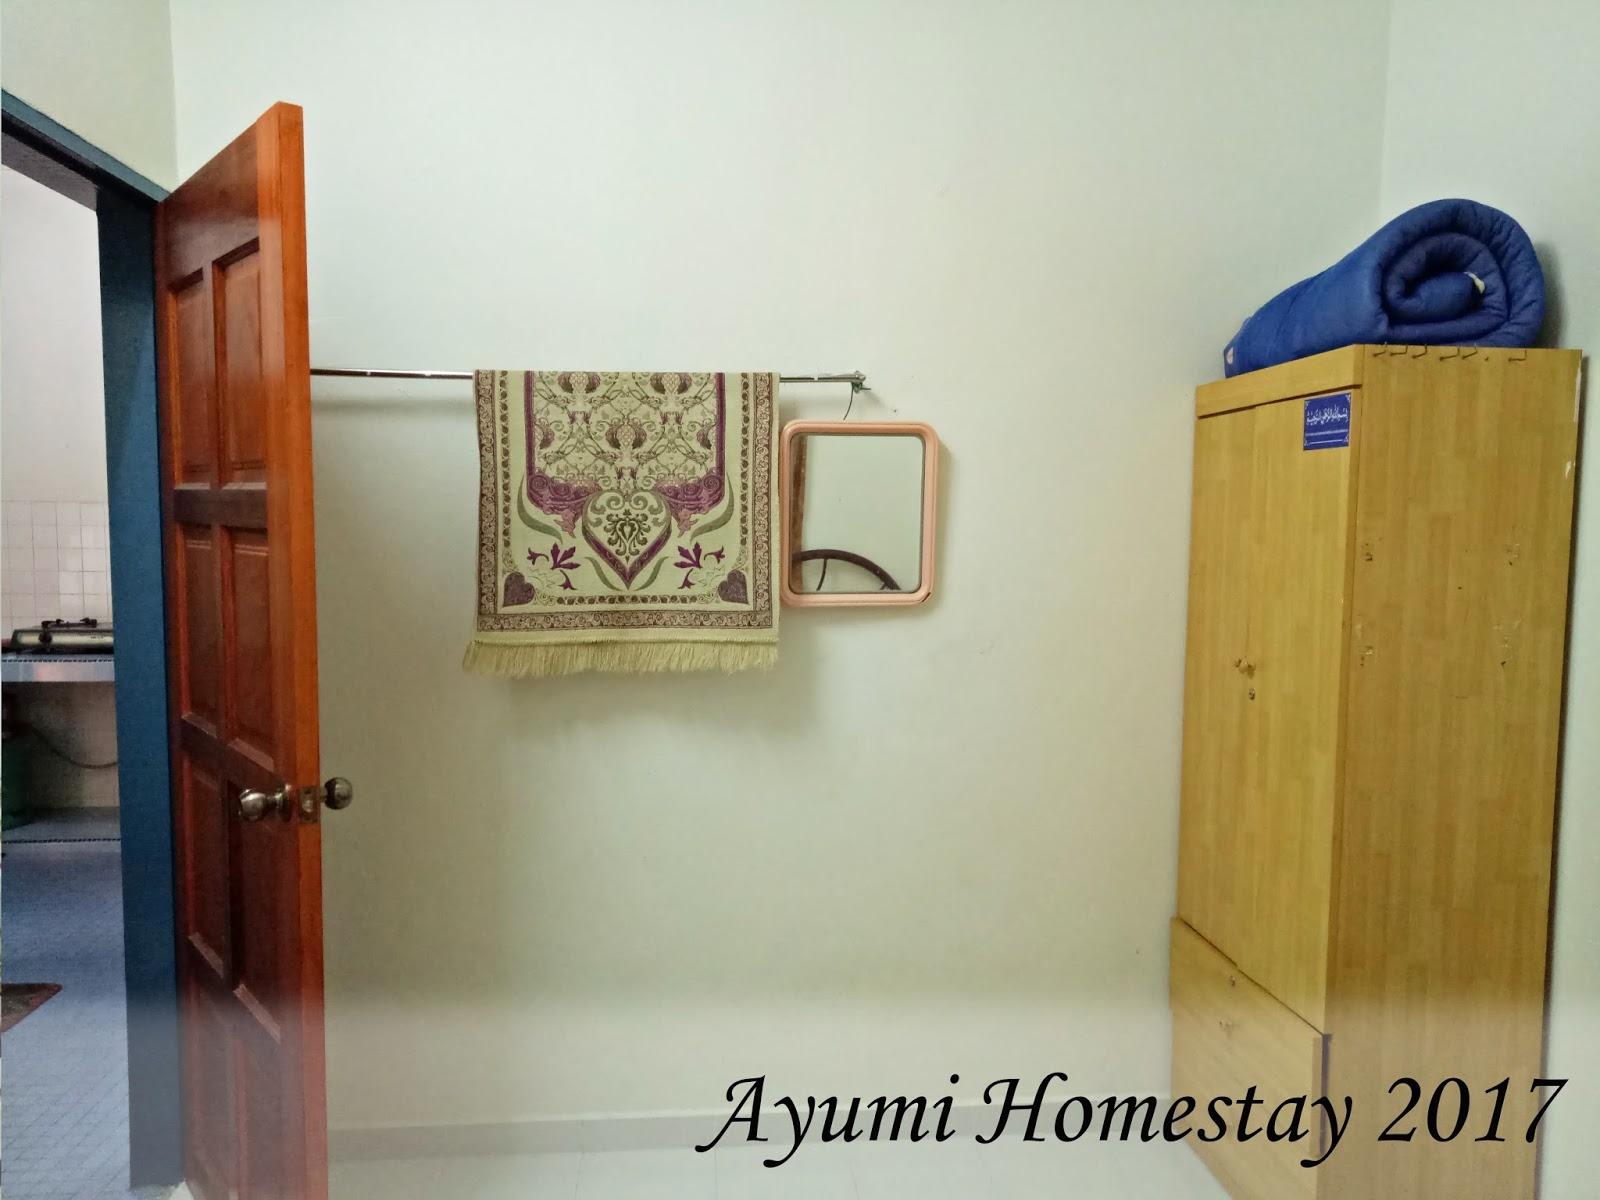 Ayumi HOMESTAY MUADZAM SHAH PAHANG